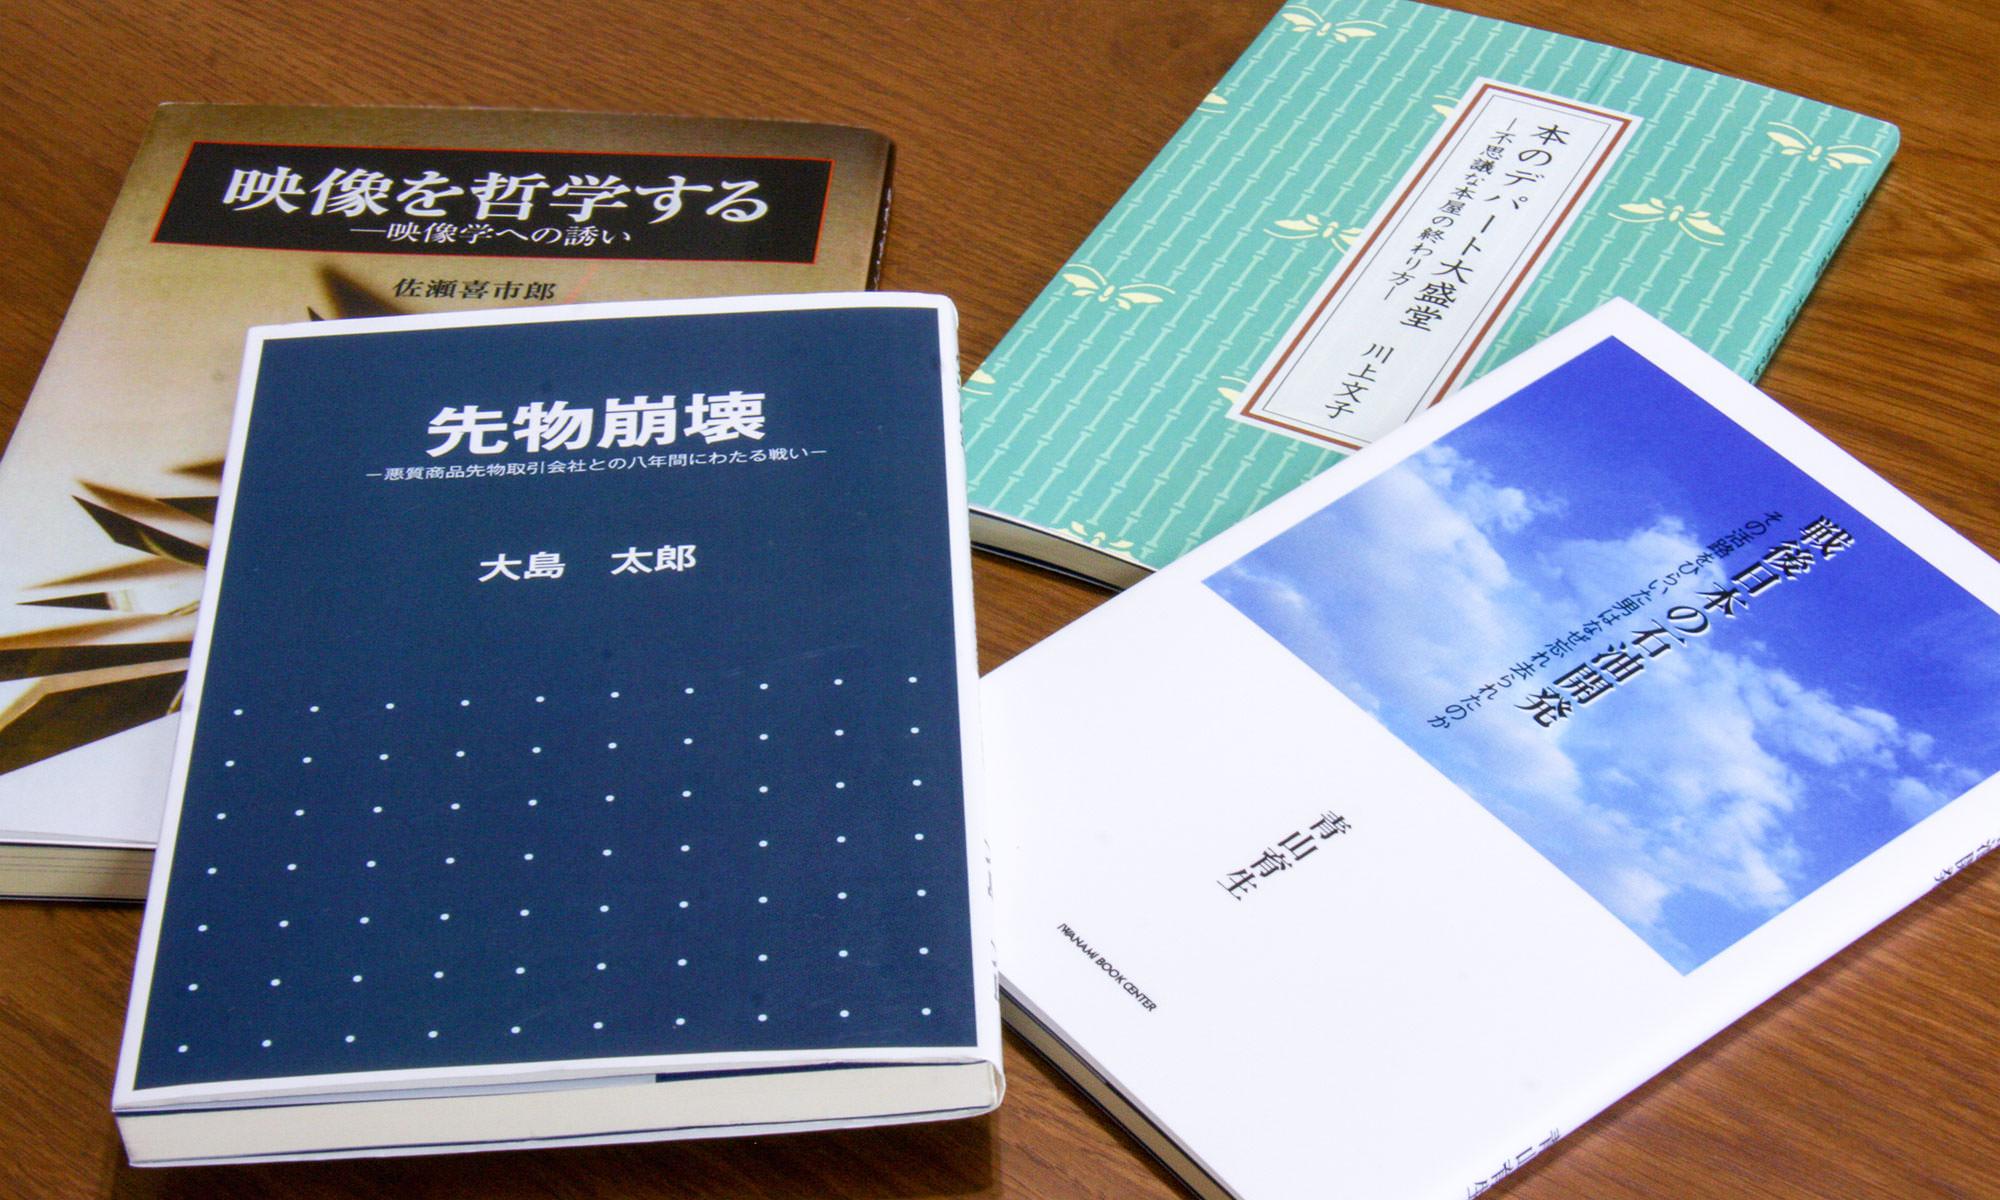 小ロット/オンデマンド印刷